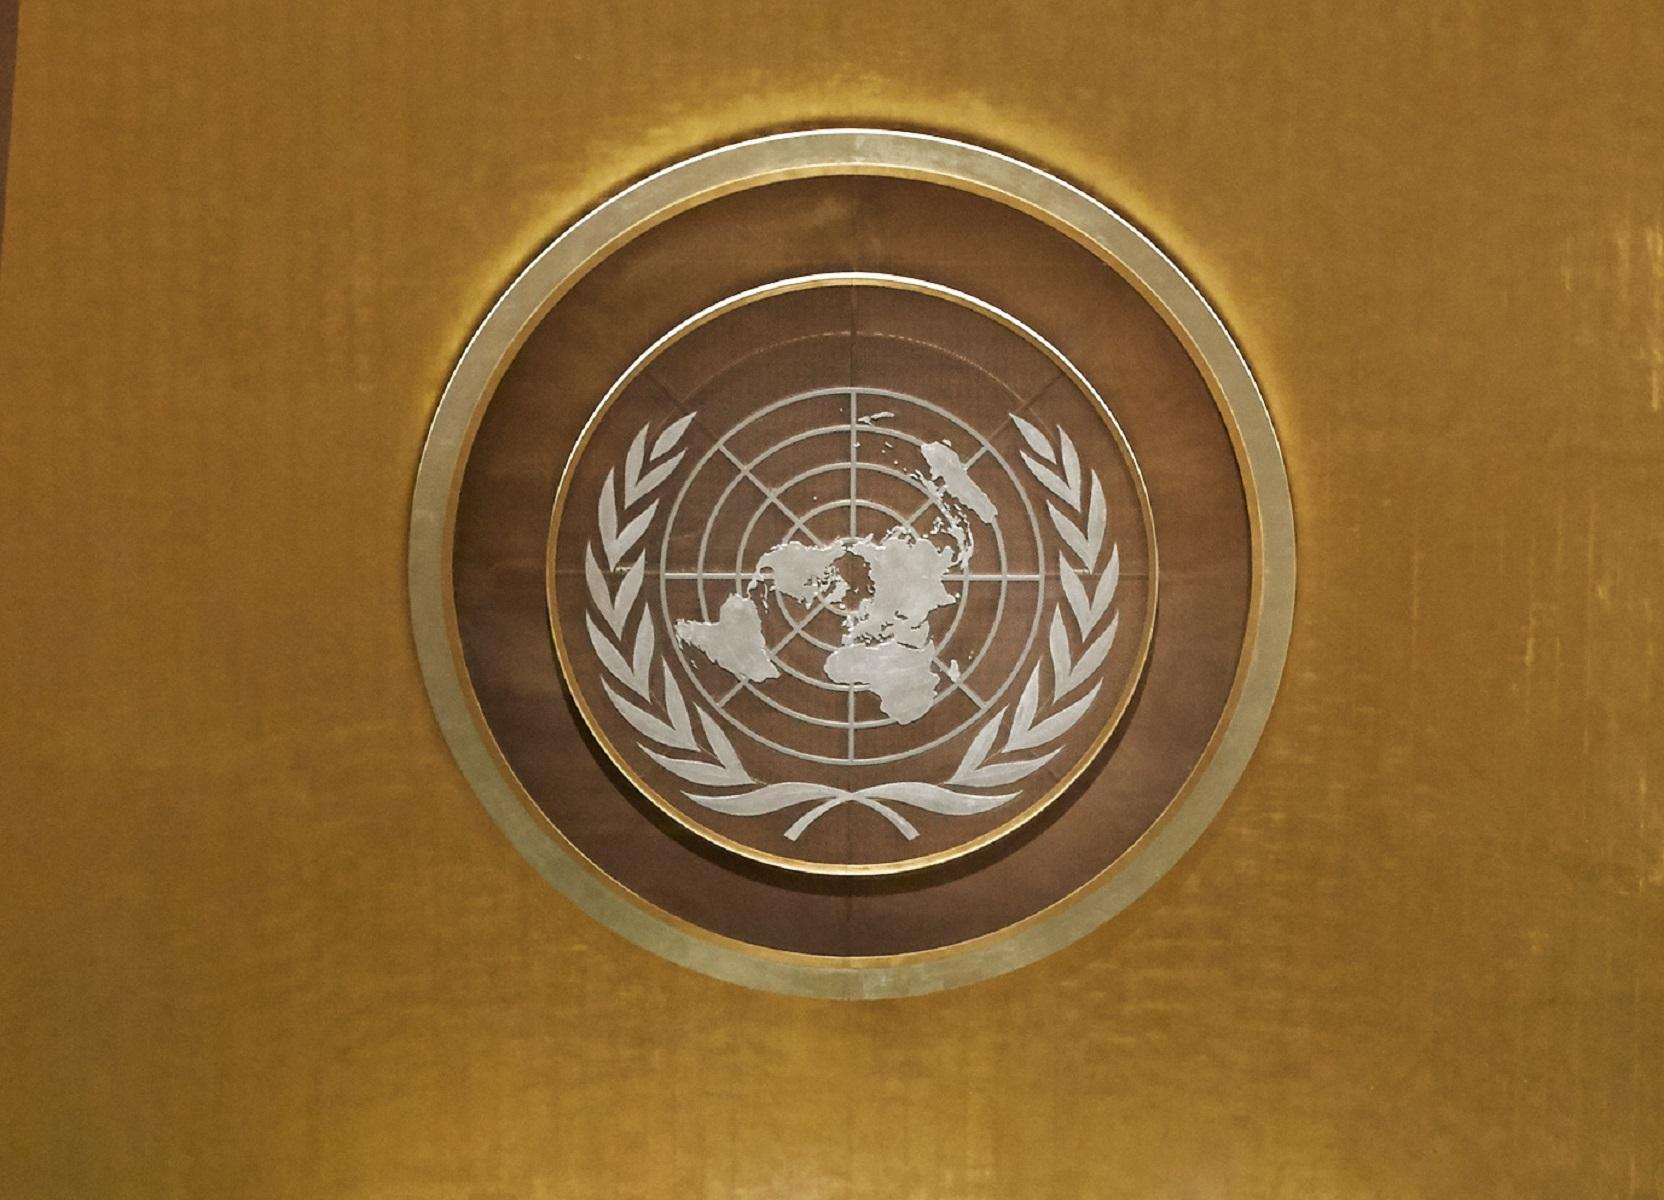 Έρευνα για τους μαζικούς τάφους στη Λιβύη ζητά ο ΟΗΕ